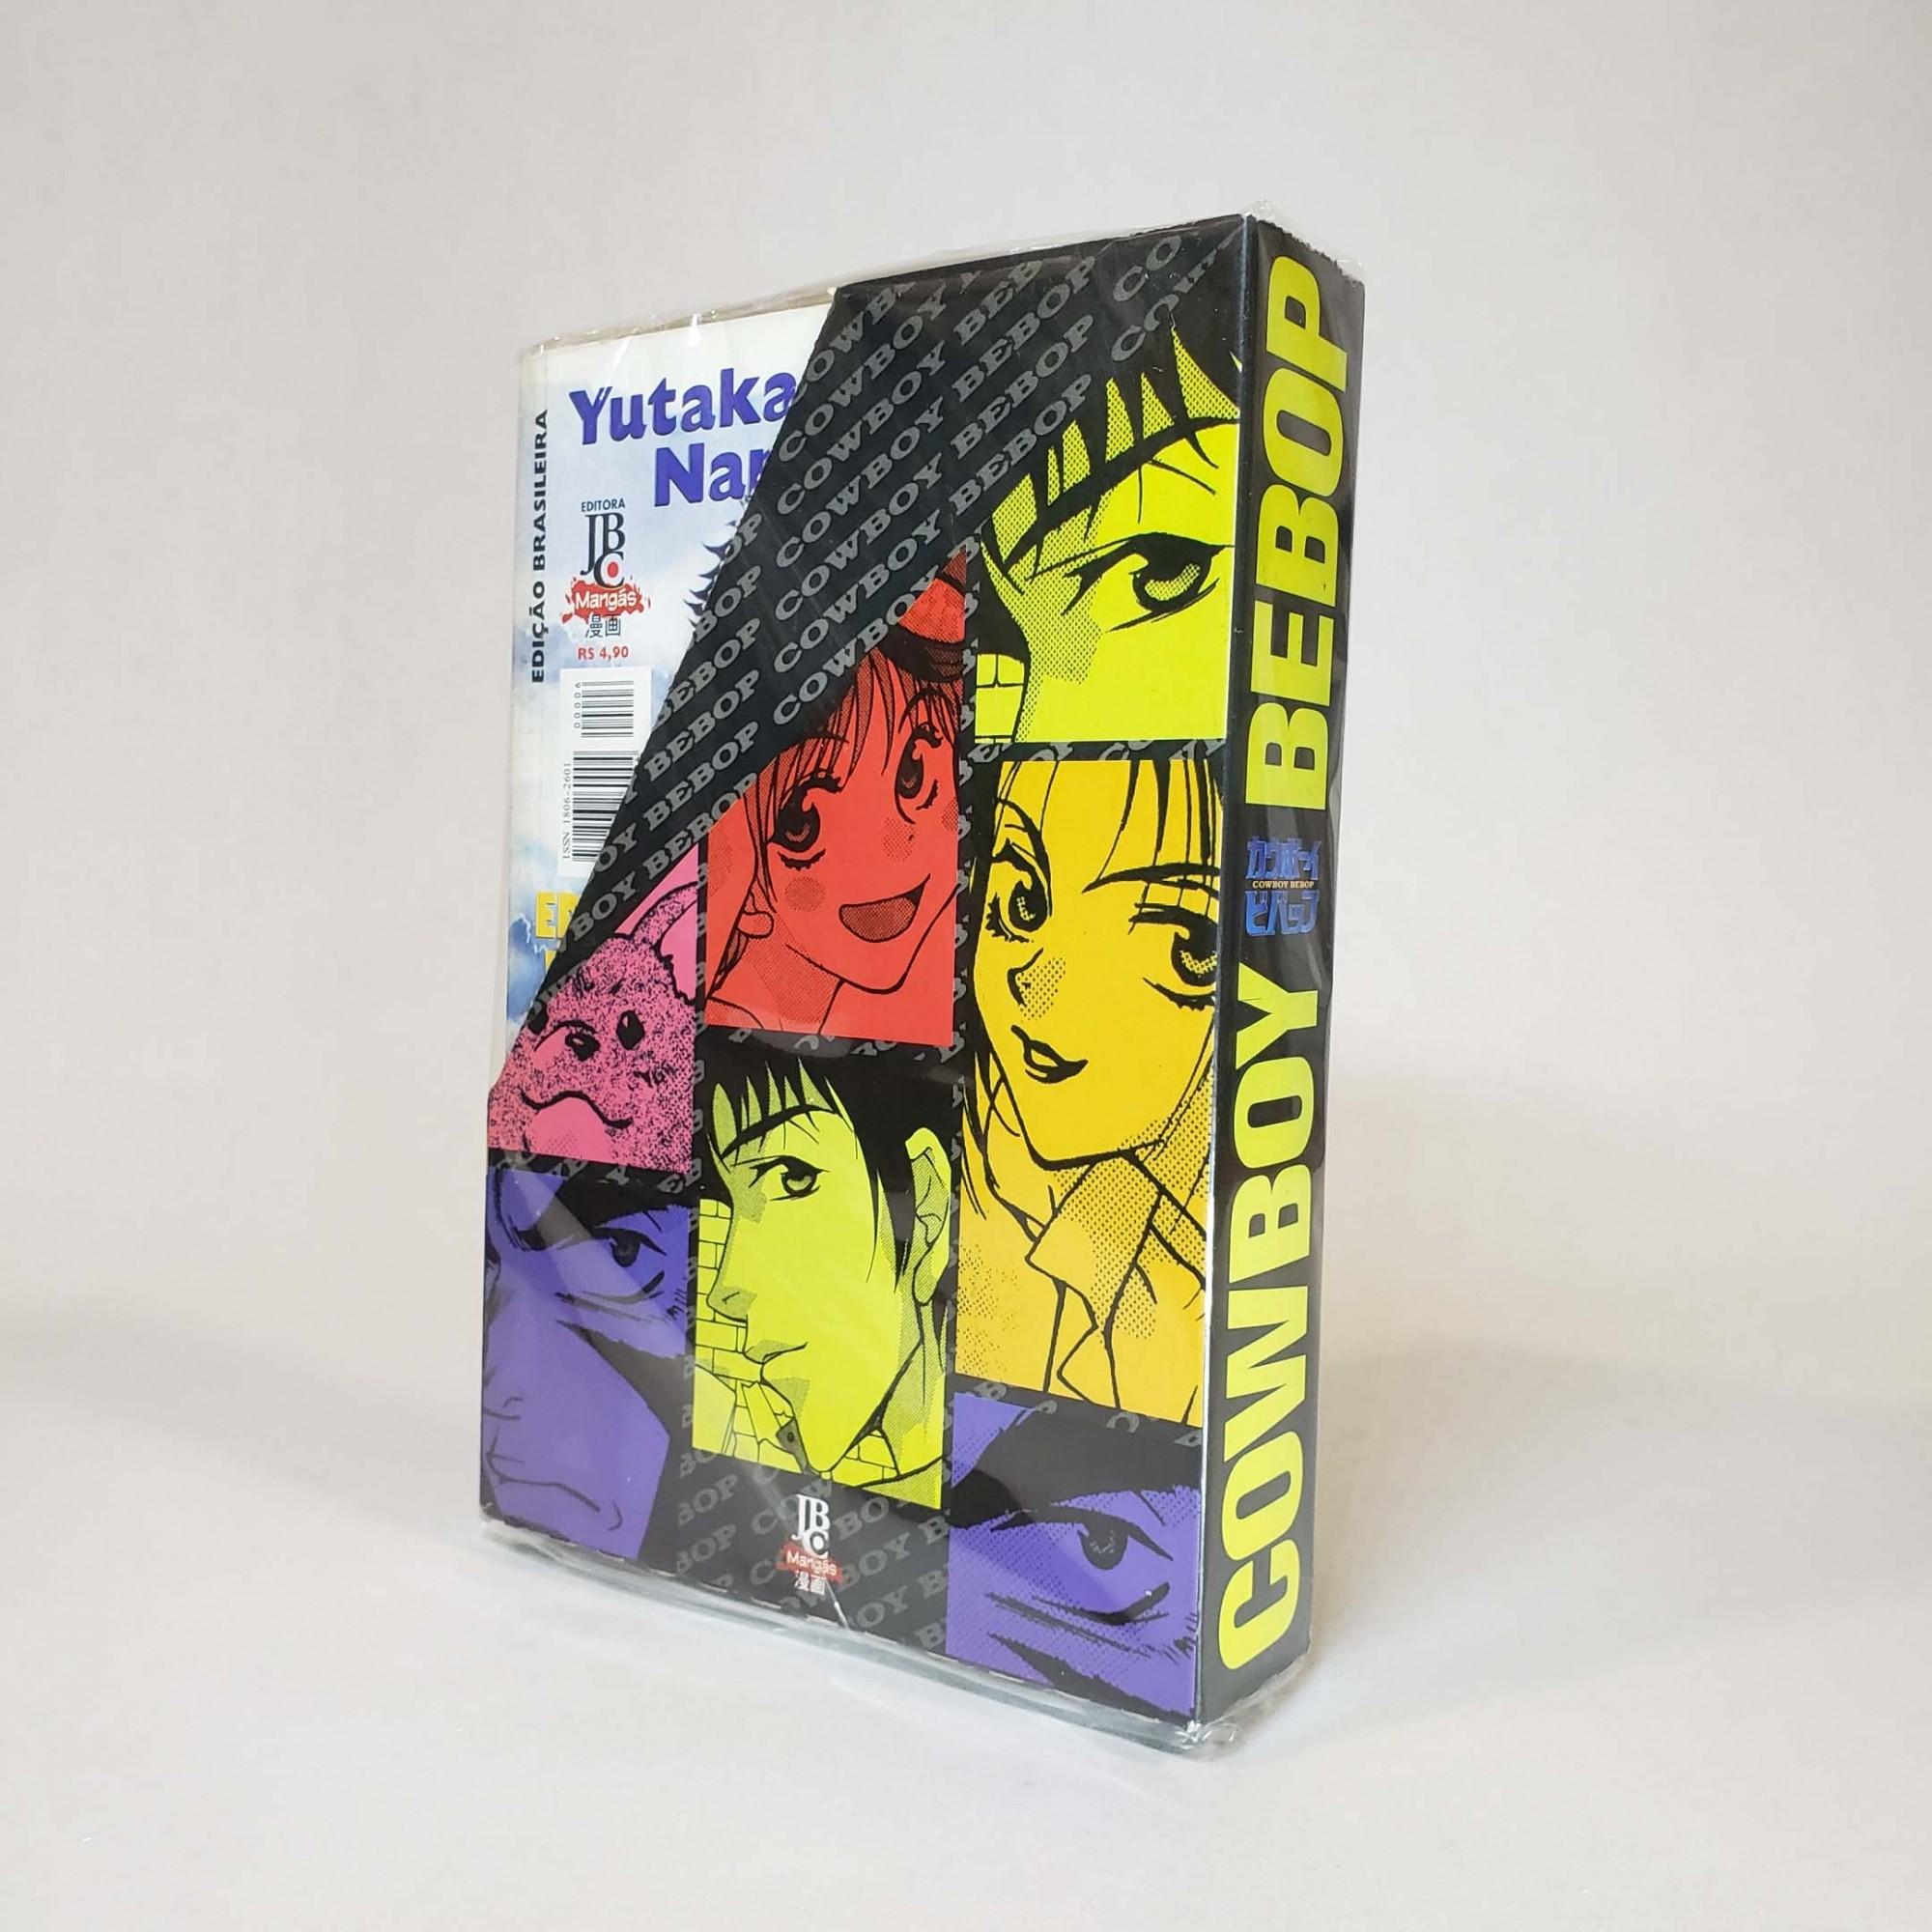 Cowboy Bebop - 1 ao 6 - Coleção Completa - Box